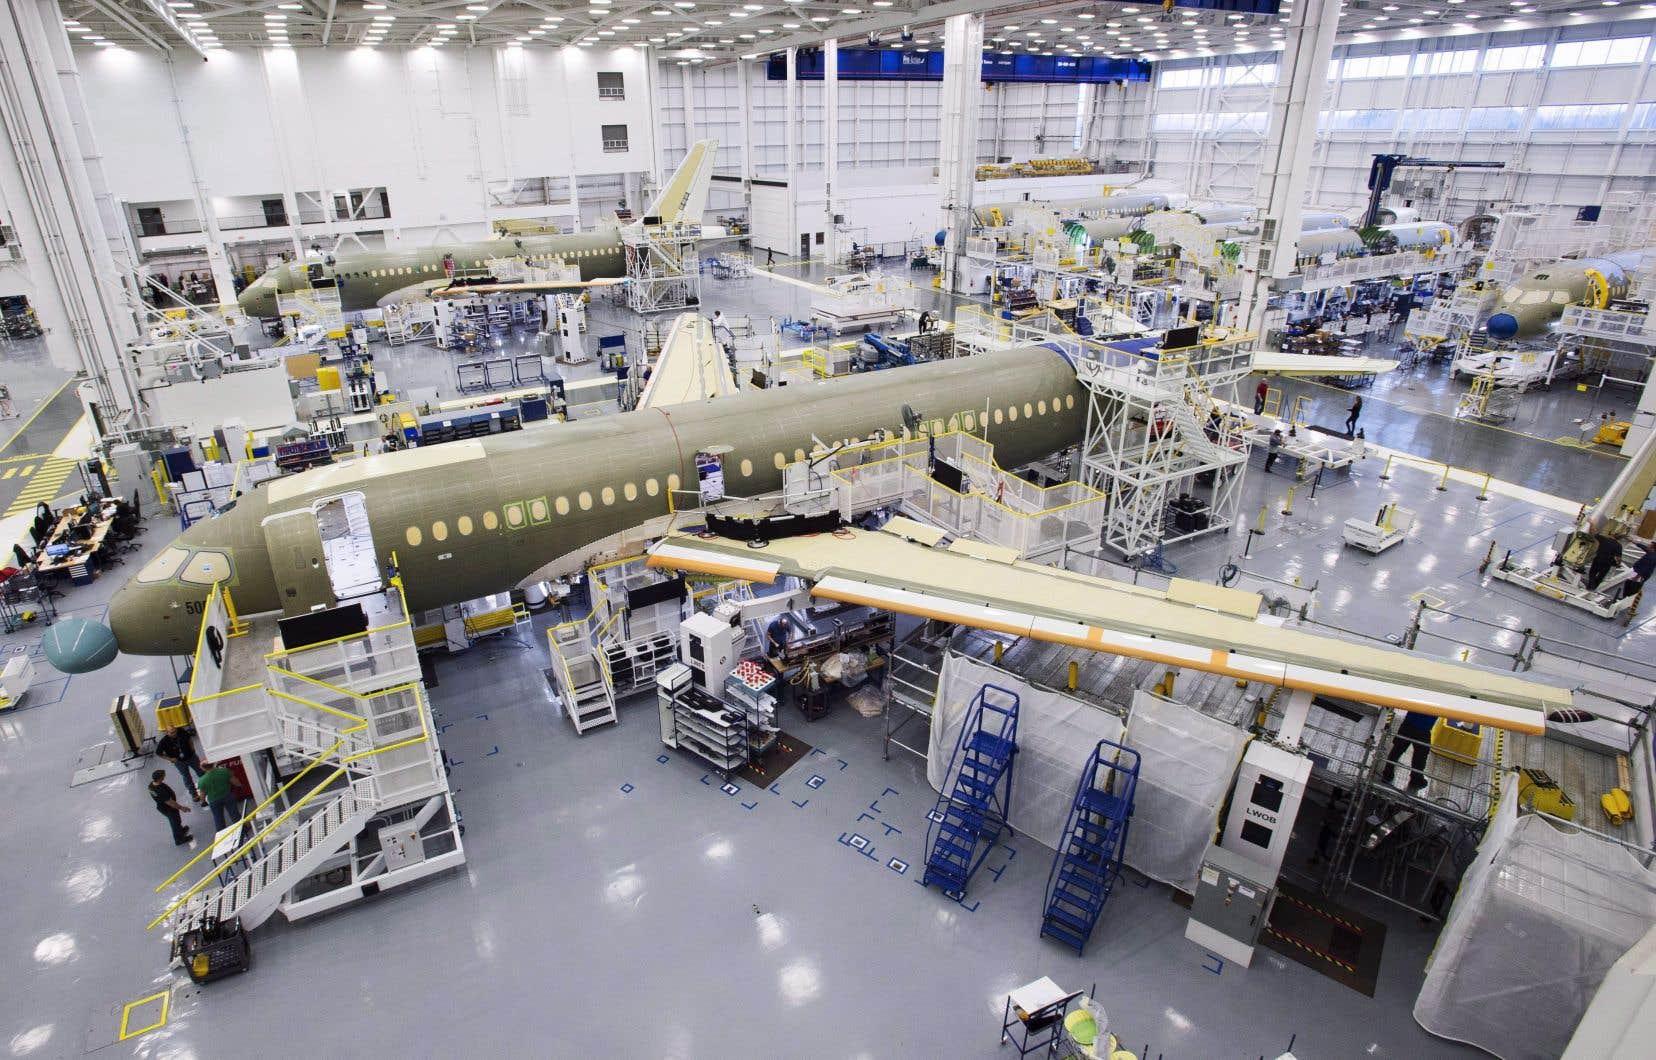 Sans appuis gouvernementaux, «Bombardier n'aurait pas lancé le programme CSeries lorsqu'il l'a fait et n'aurait pas pu offrir (et continuer d'offrir) des prix inférieurs au coût de production», affirme le Brésil dans son document.